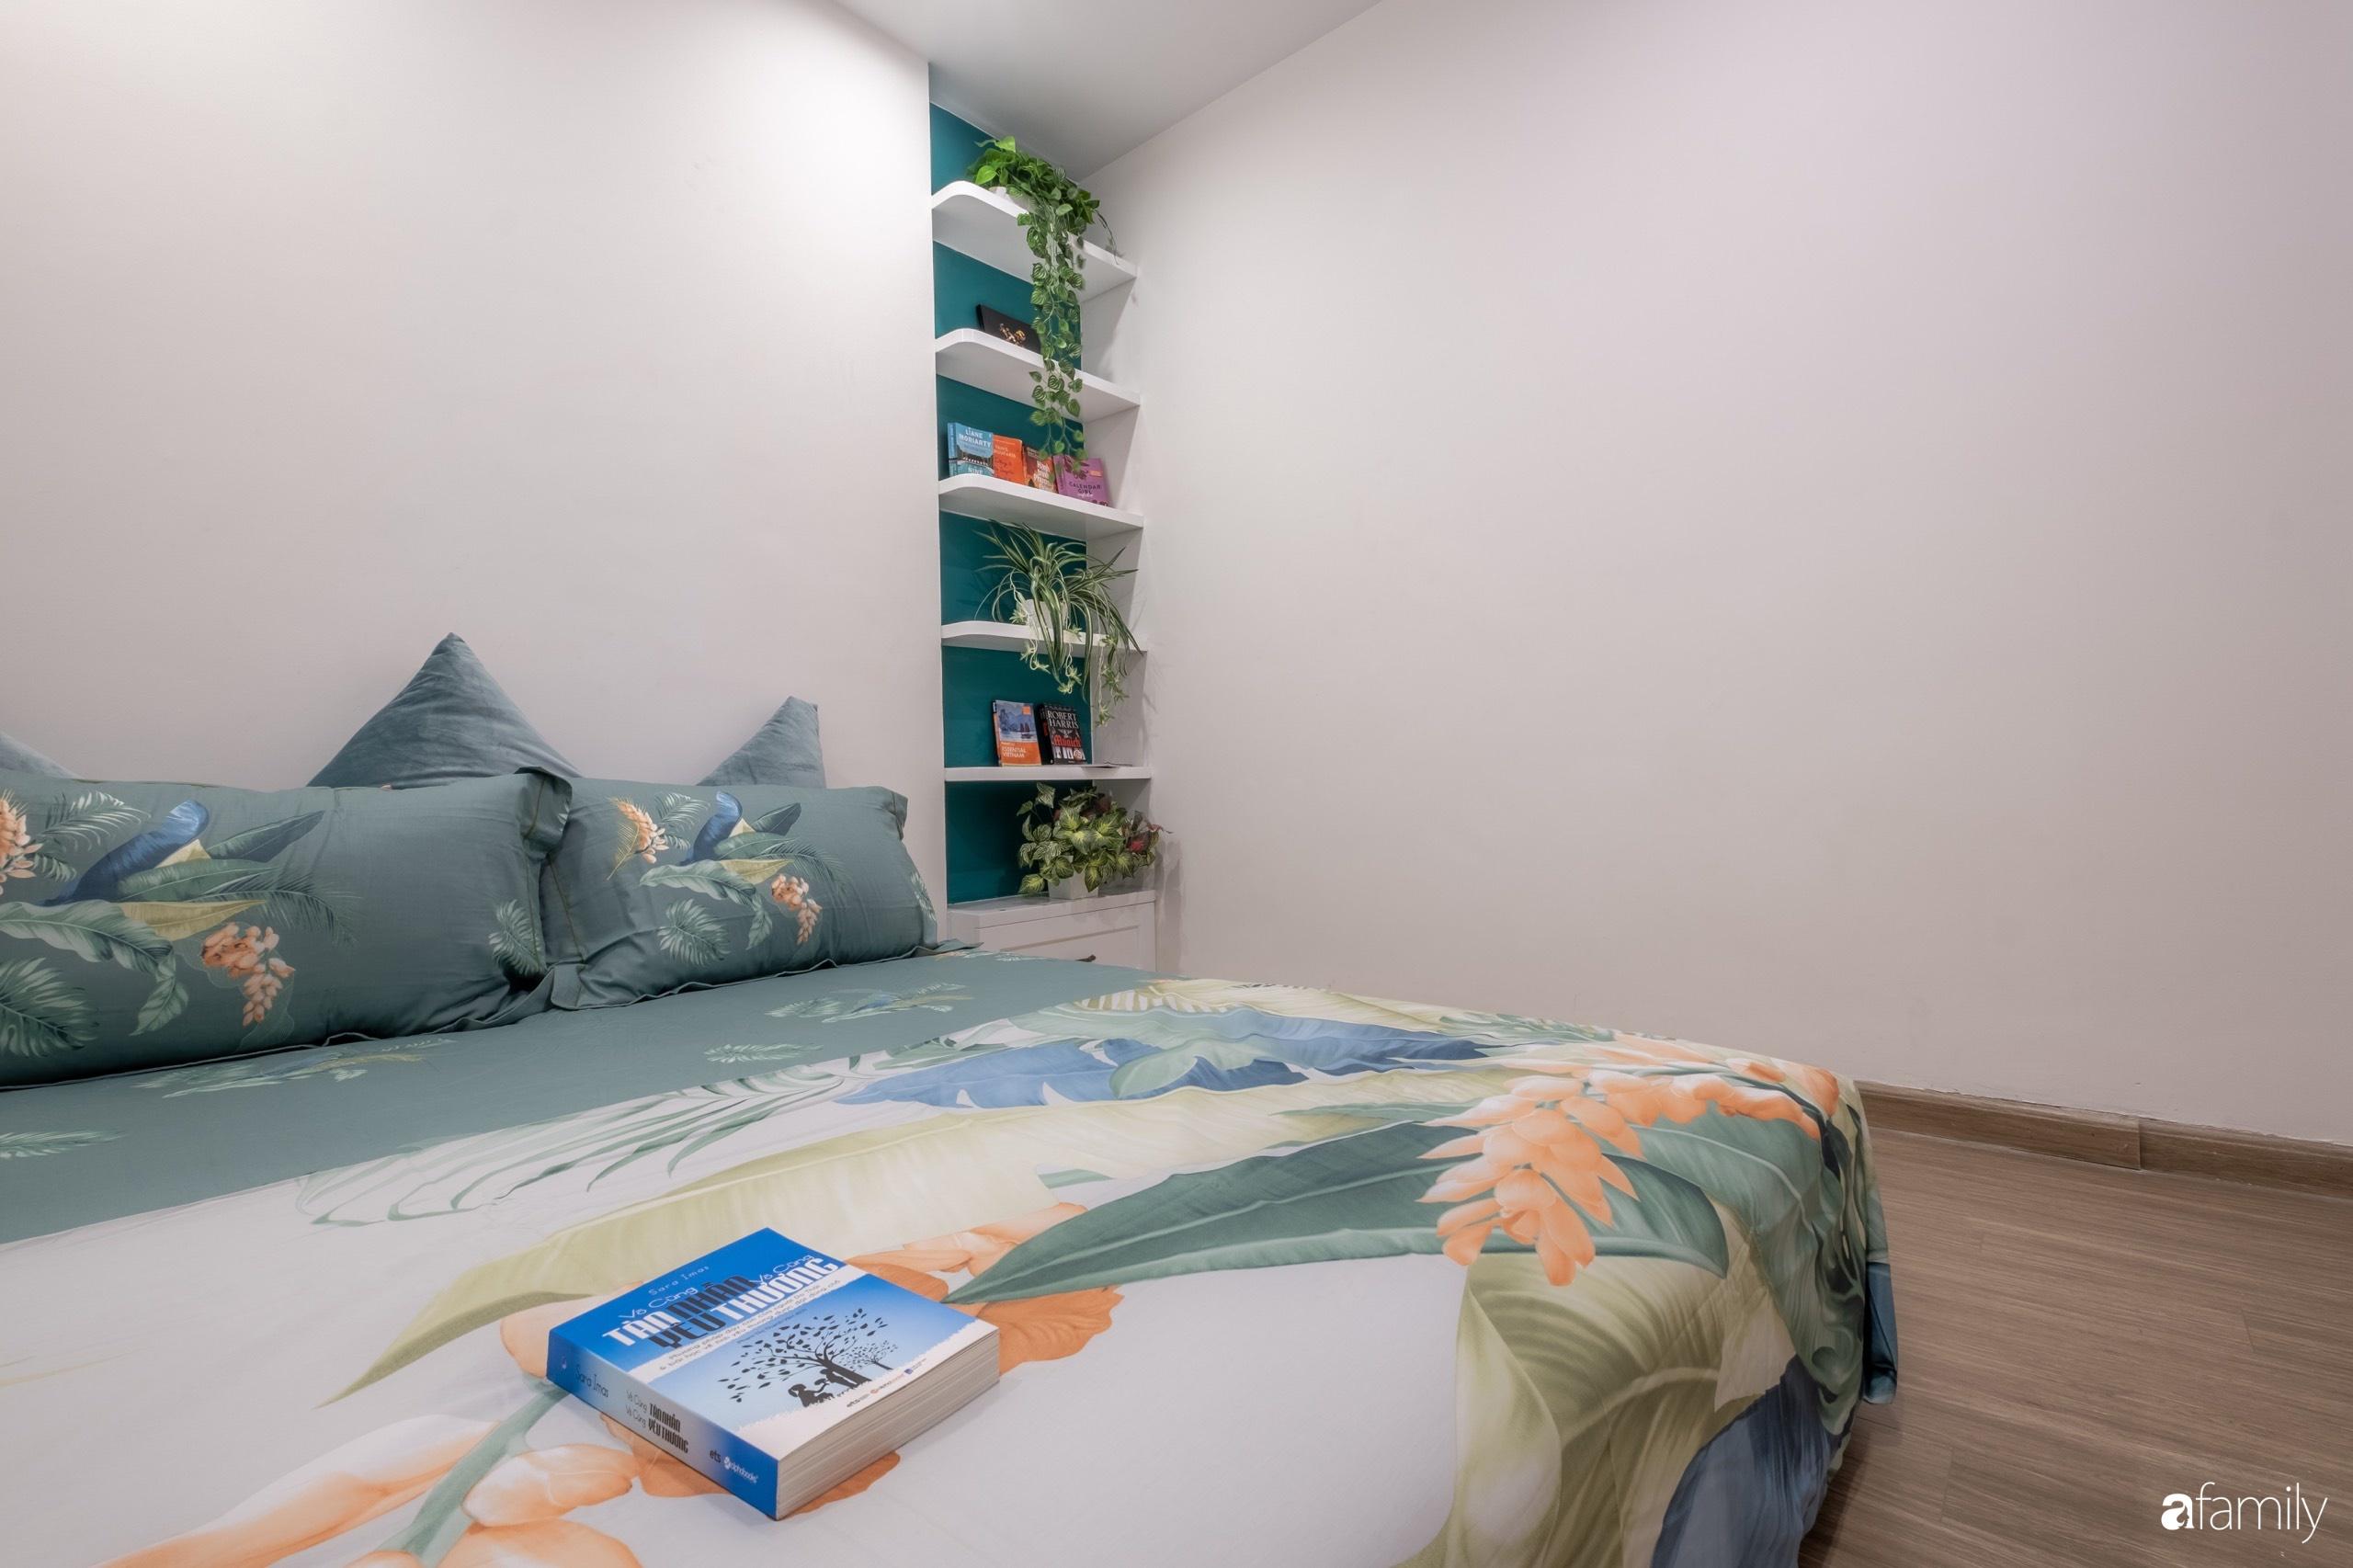 Căn hộ 54m² đẹp cuốn hút với tông màu xanh gần gũi với thiên nhiên có chi phí hoàn thiện nội thất 150 triệu đồng ở Hà Nội - Ảnh 15.